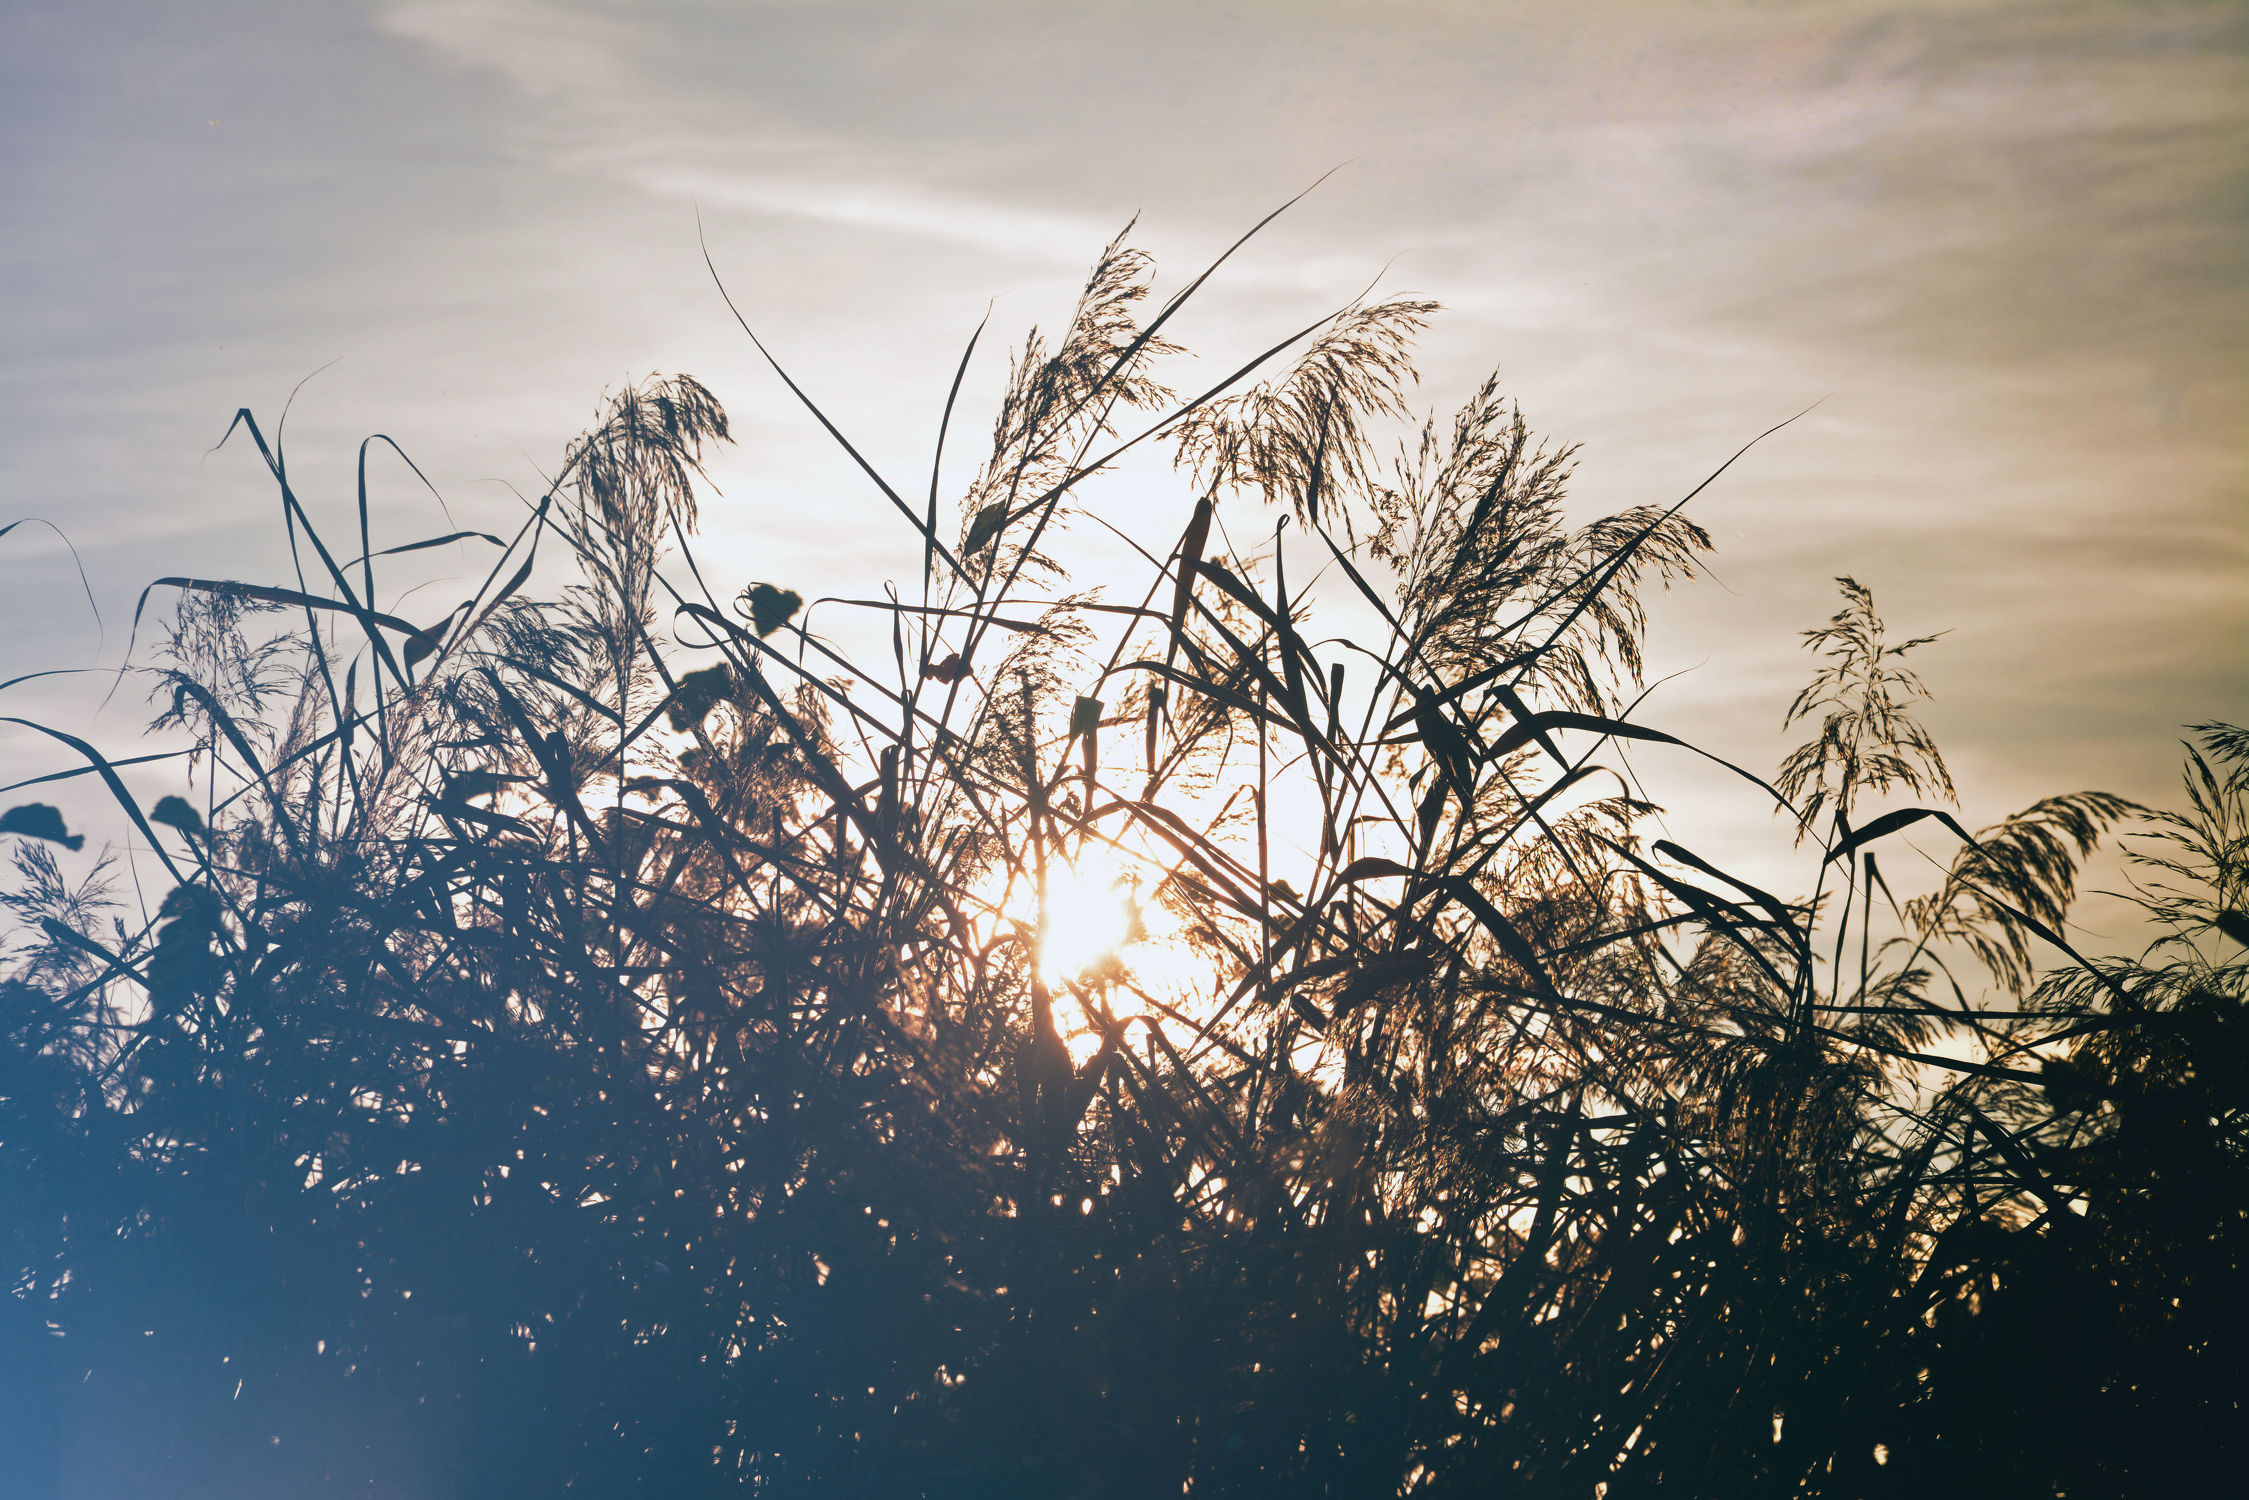 Bild mit Natur, Gräser, Landschaften, Sonne, Landschaft, Gras, Wiese, Feld, Felder, Wiesen